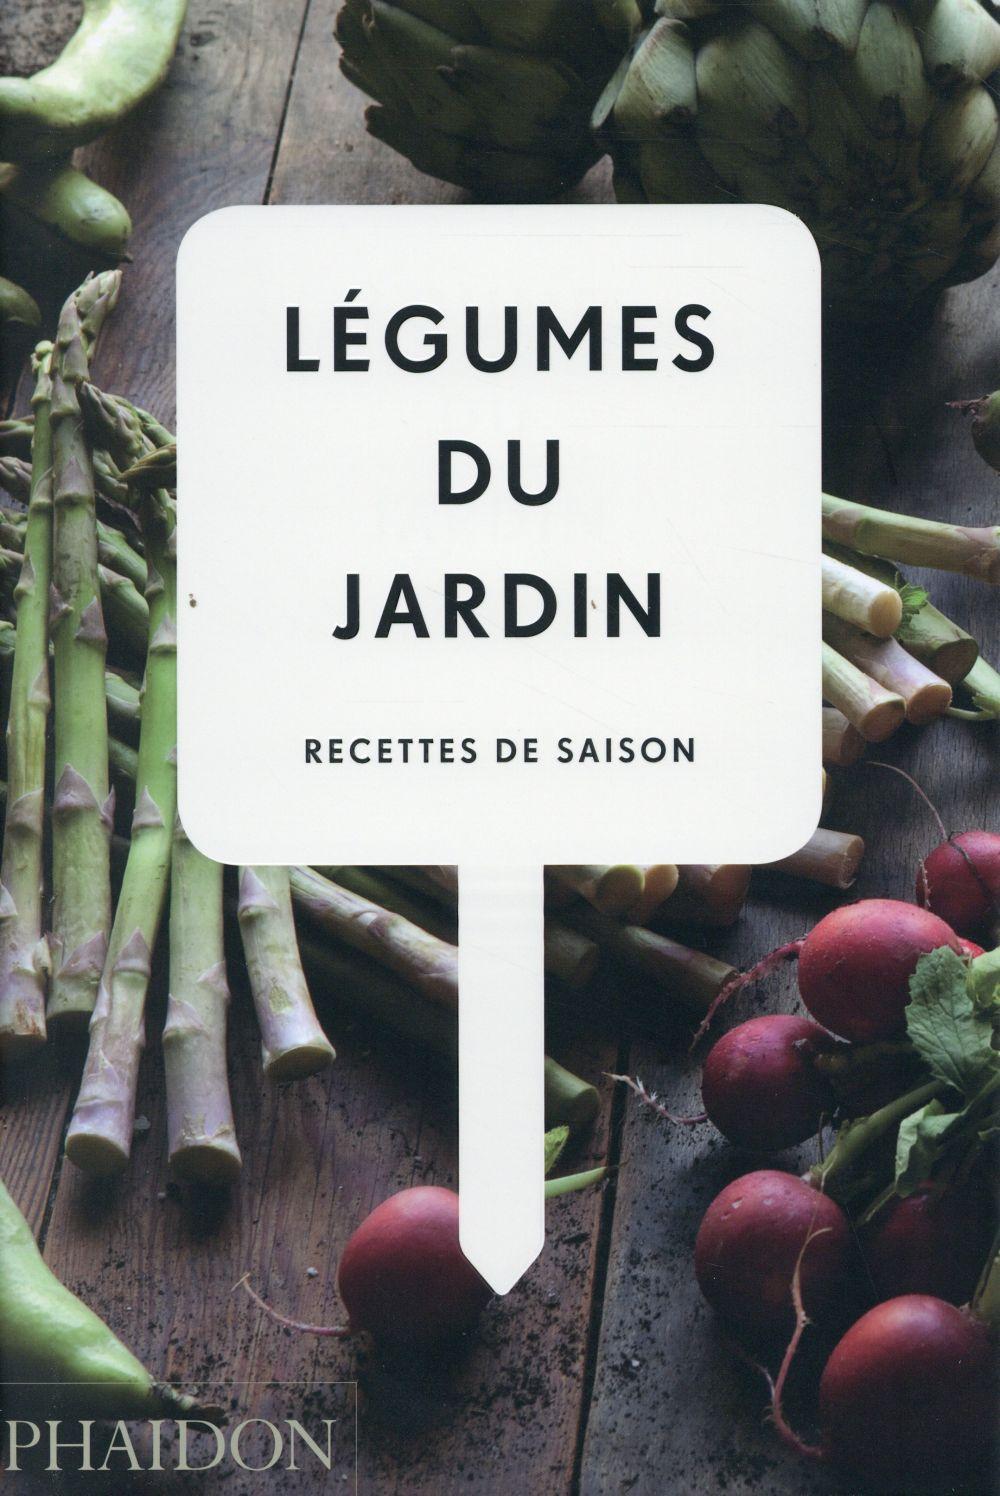 LEGUMES DU JARDIN  -  RECETTES DE SAISON CUISINE PHAIDON FRANCE